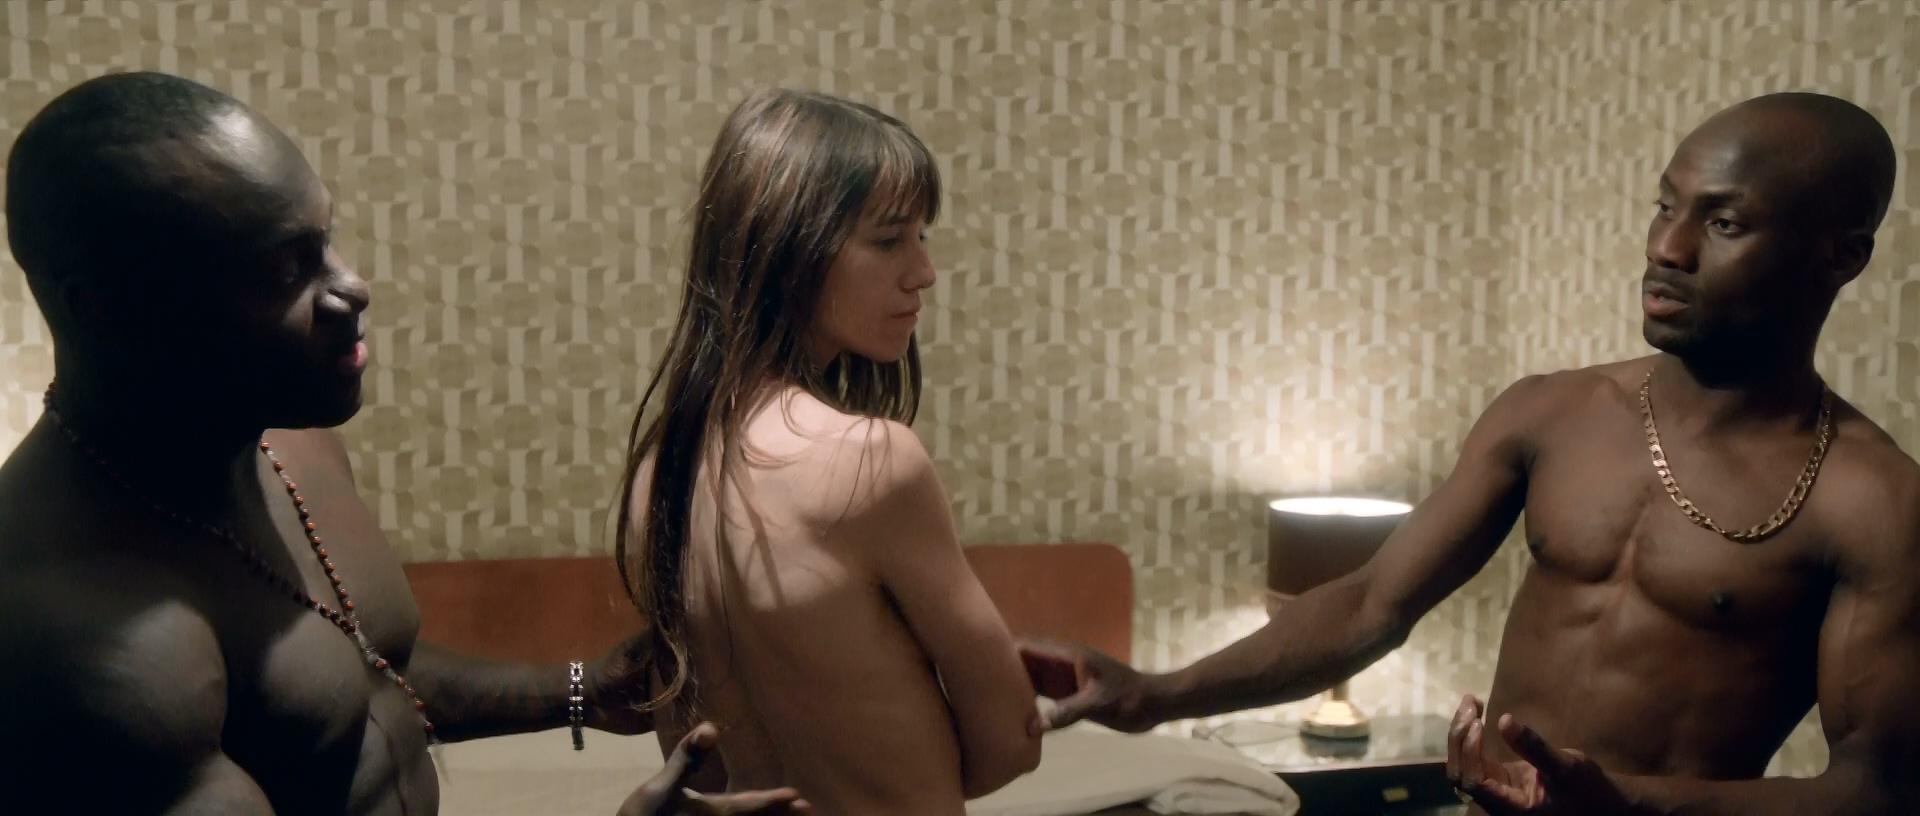 Сексуальные сцены в кино подборка